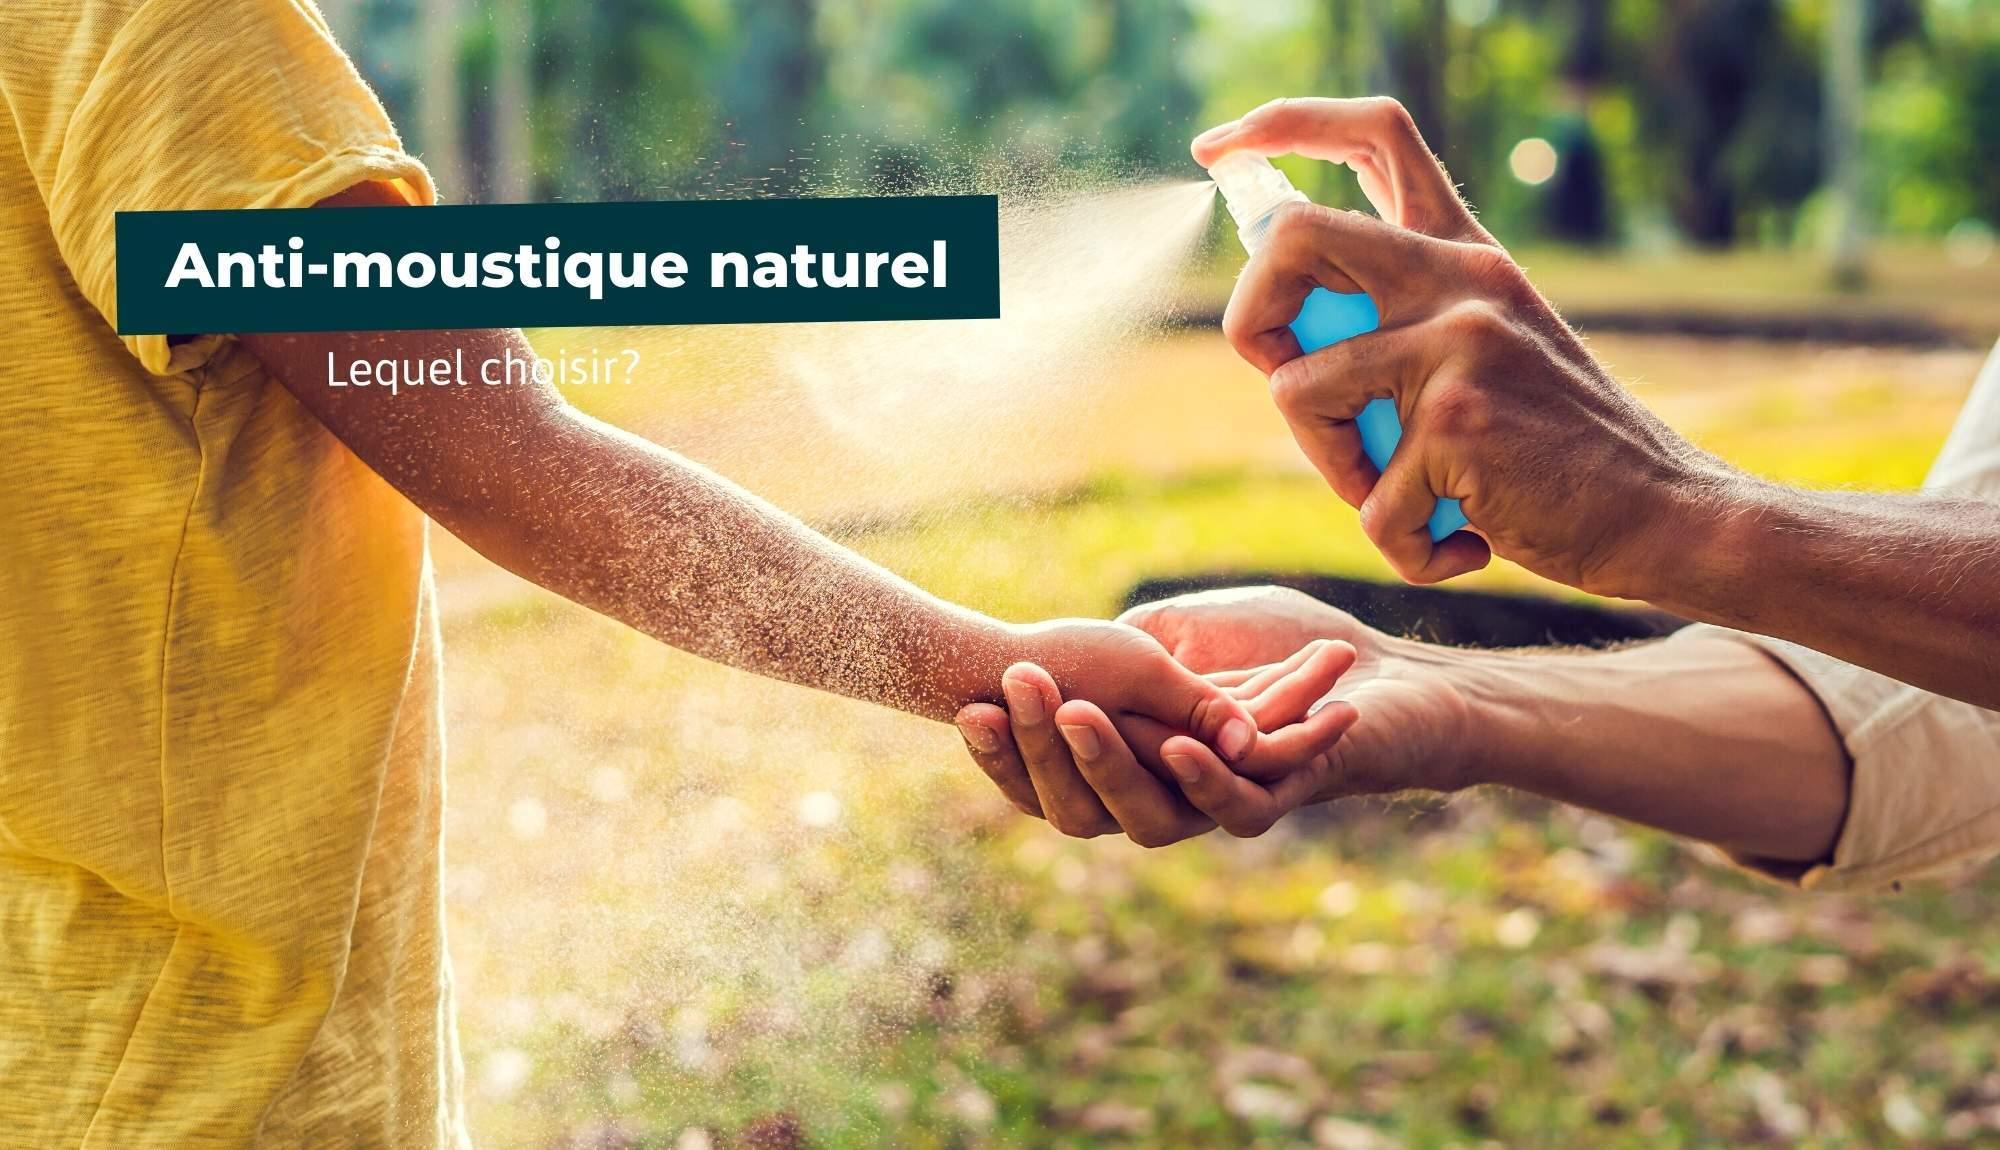 Quel anti-moustique naturel choisir ?